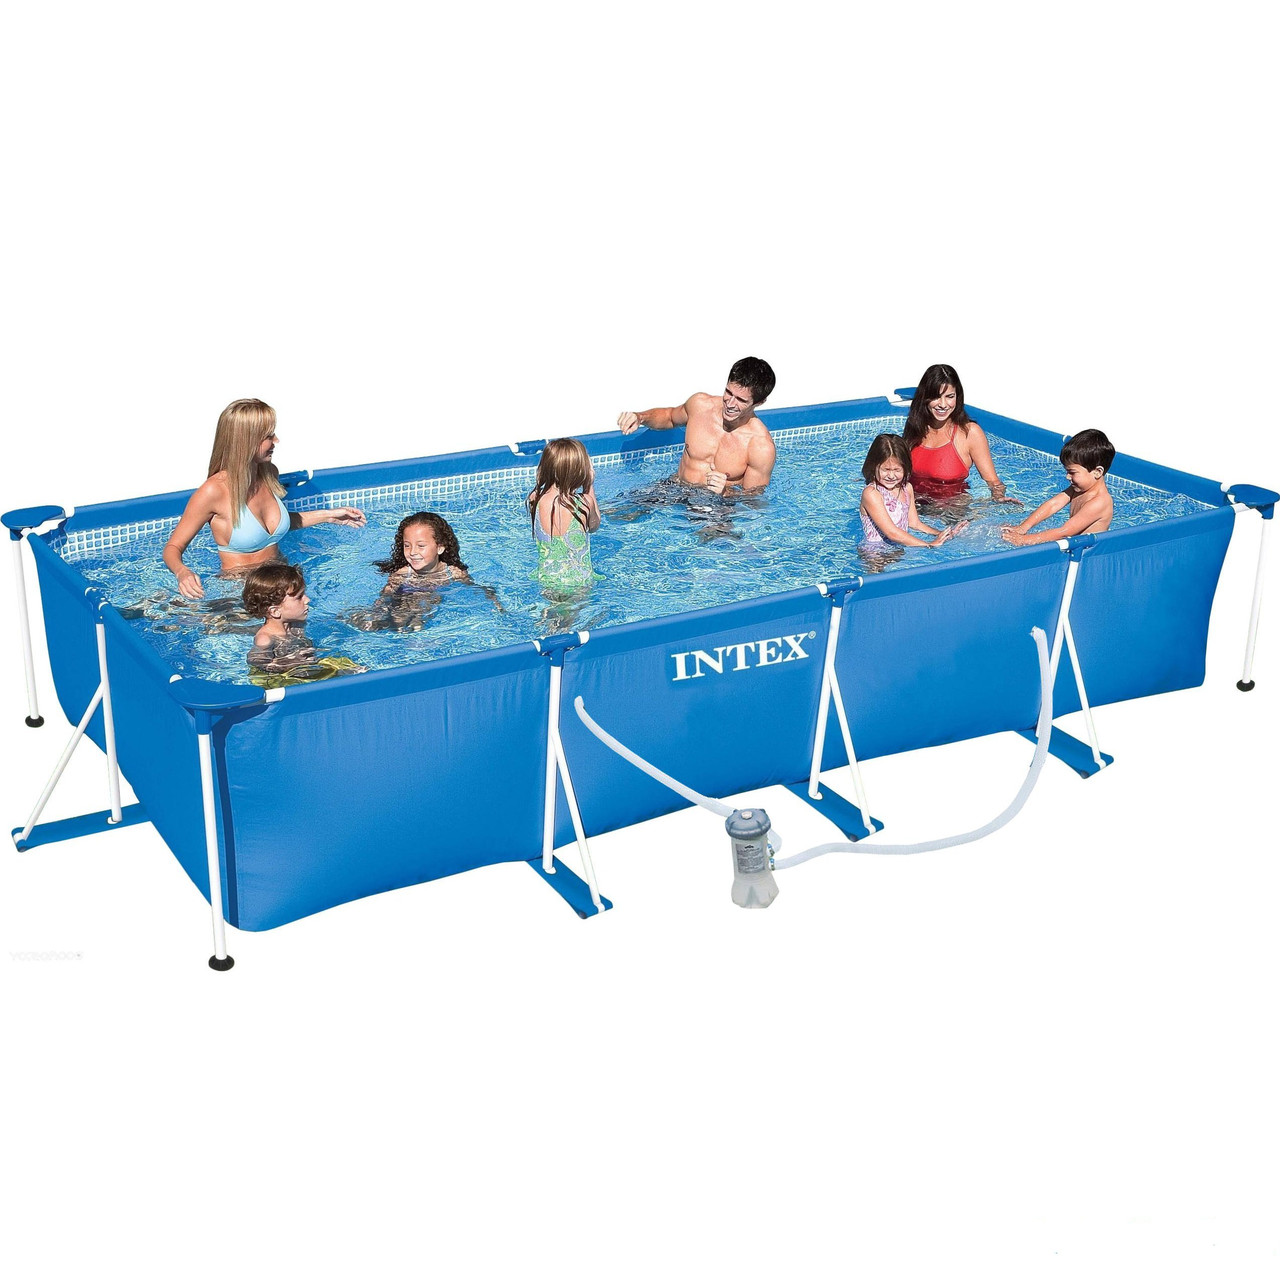 Каркасный бассейн Intex 28277 Басейн 450 х 220 х 84 см